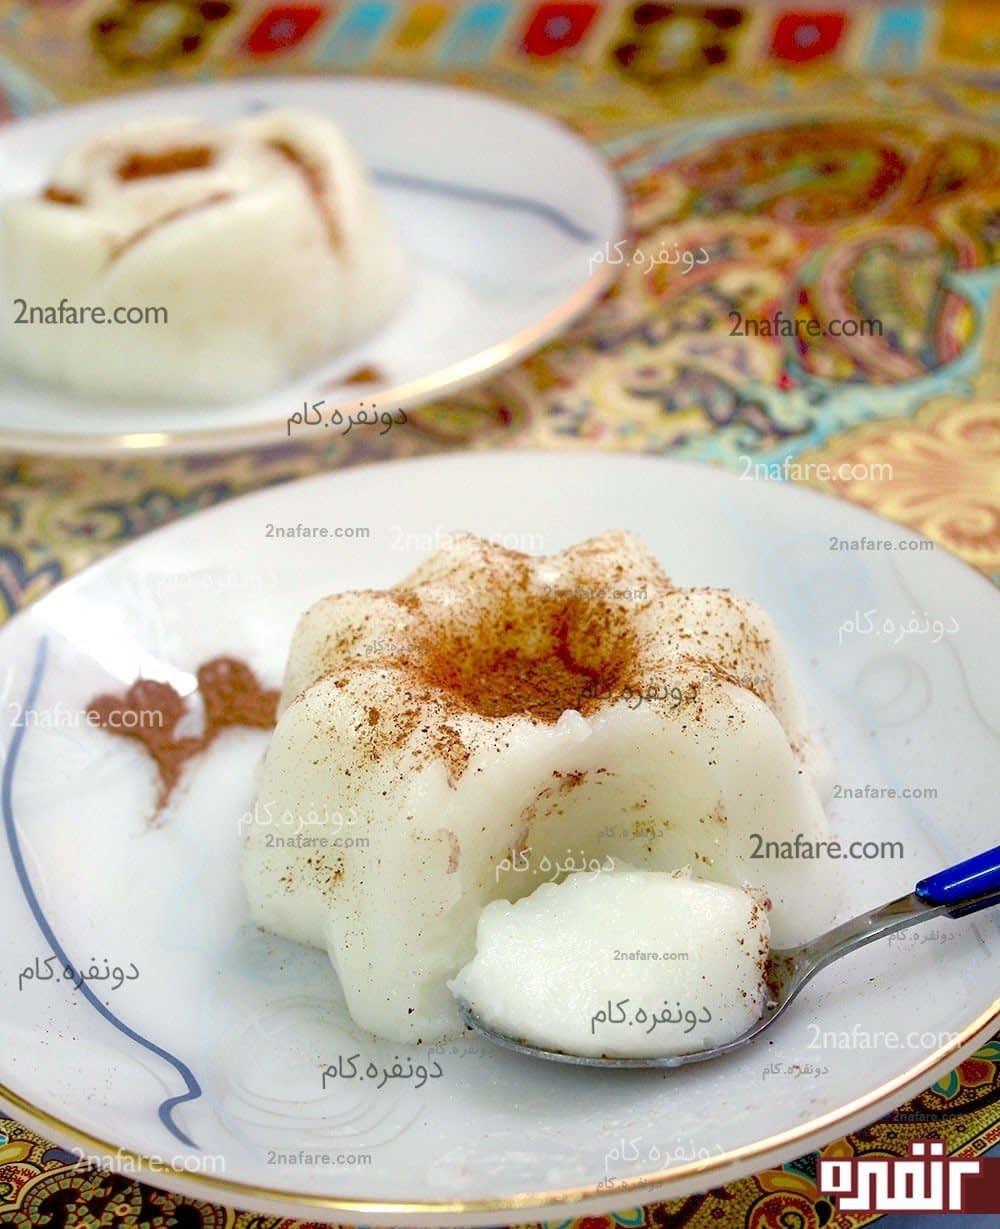 شیر برنج برای 20 نفر Chocolate Kheer Recipe. kheer-recipe-sugar-milk.